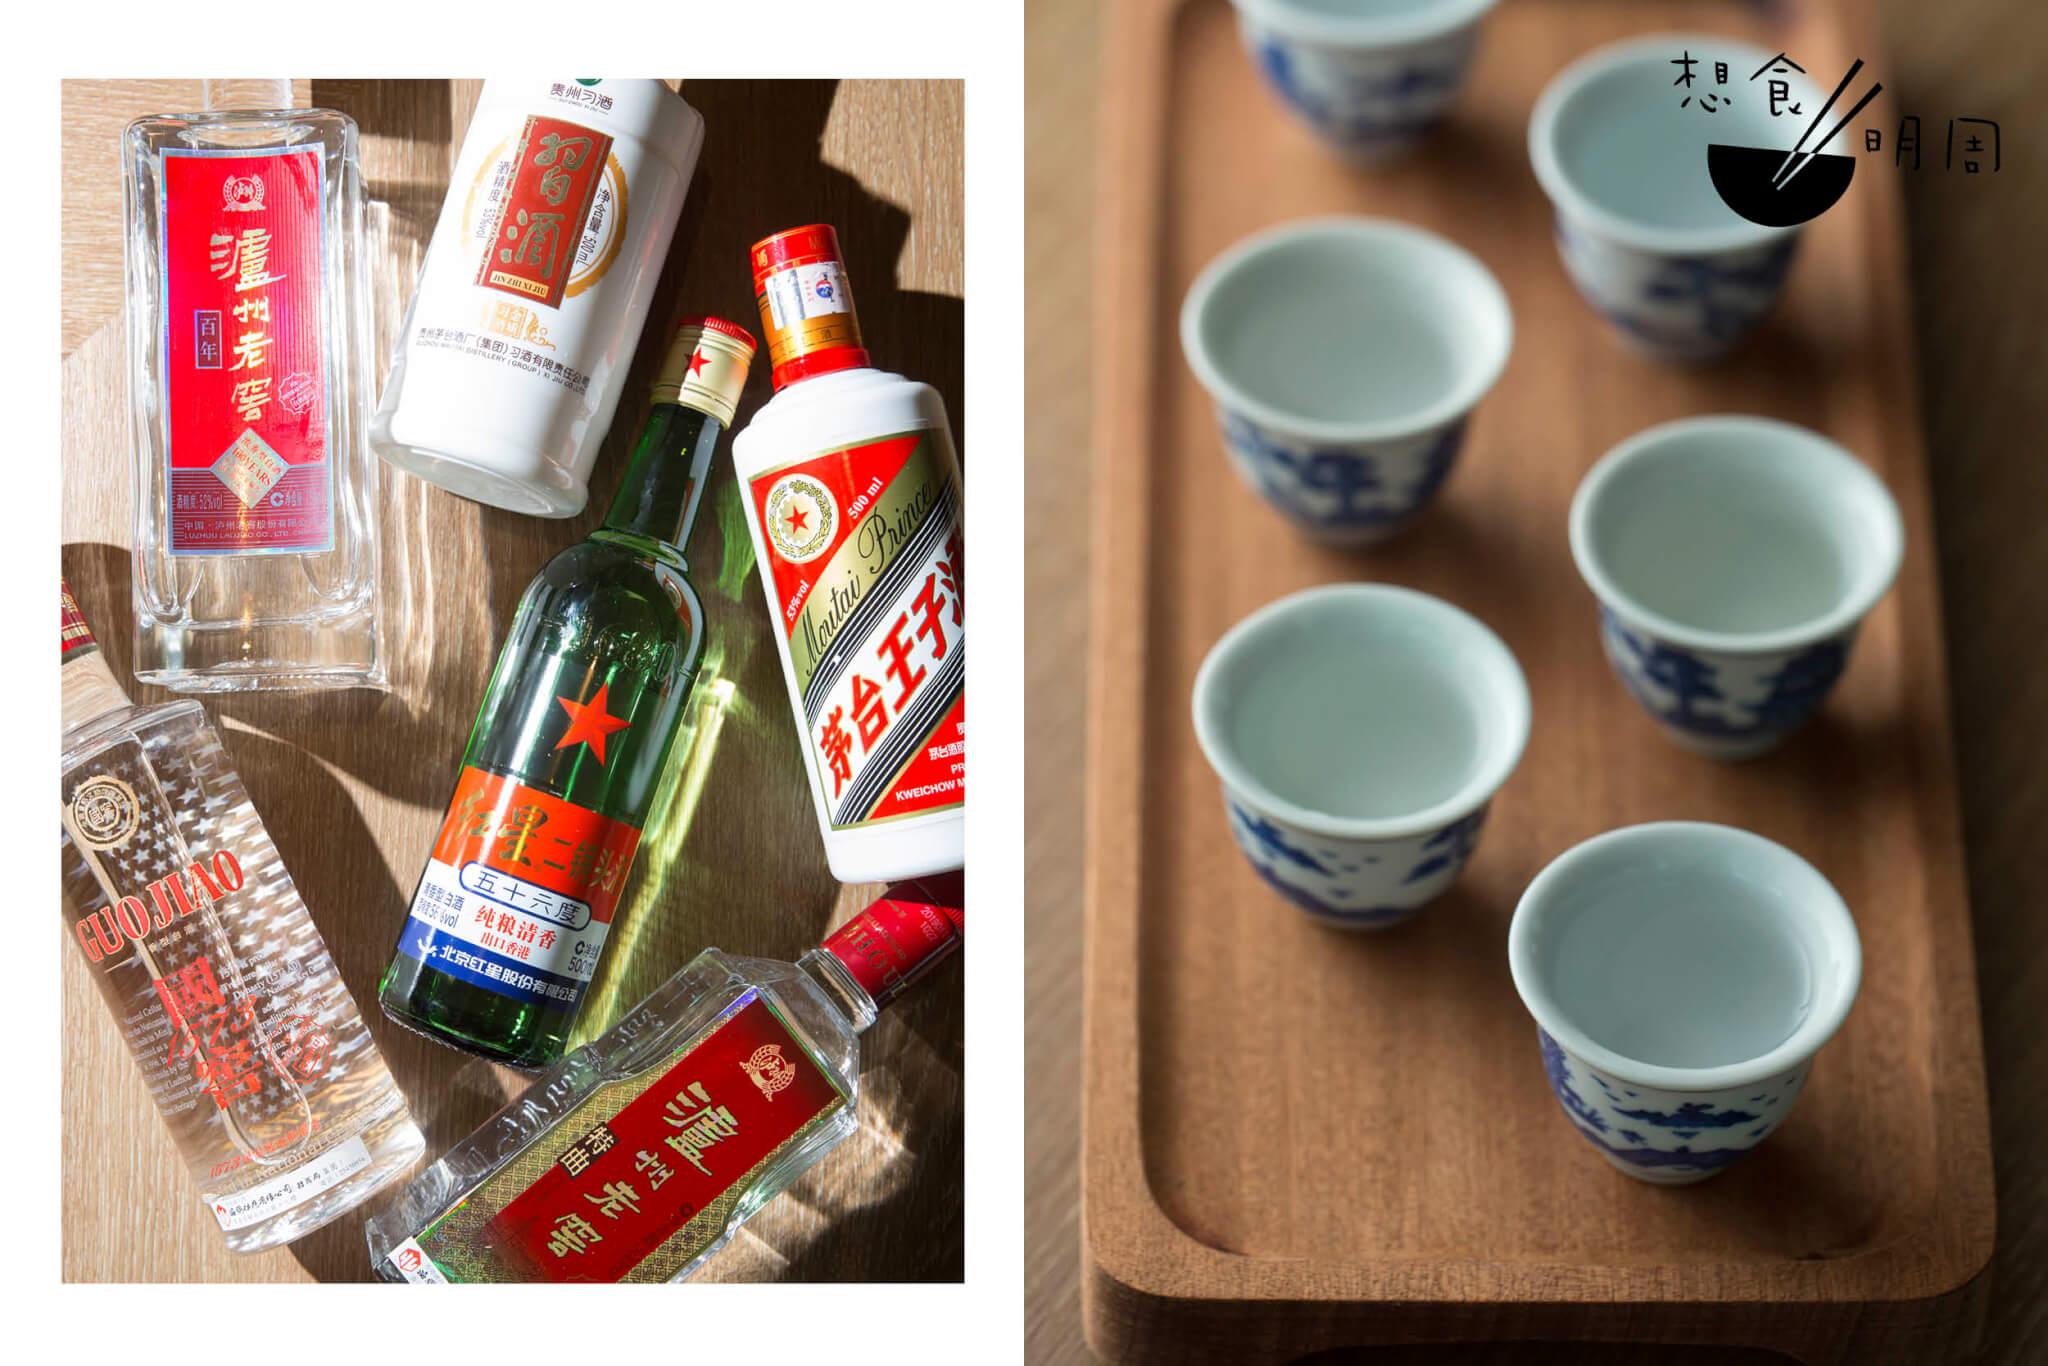 中國白酒之旅 // 一套六款,包括清香型的紅星牌二鍋頭,醬香型的茅台(王子)及習酒金質,還有濃香型的國窖1573、百年瀘州老窖、老字號瀘州老窖。($288)